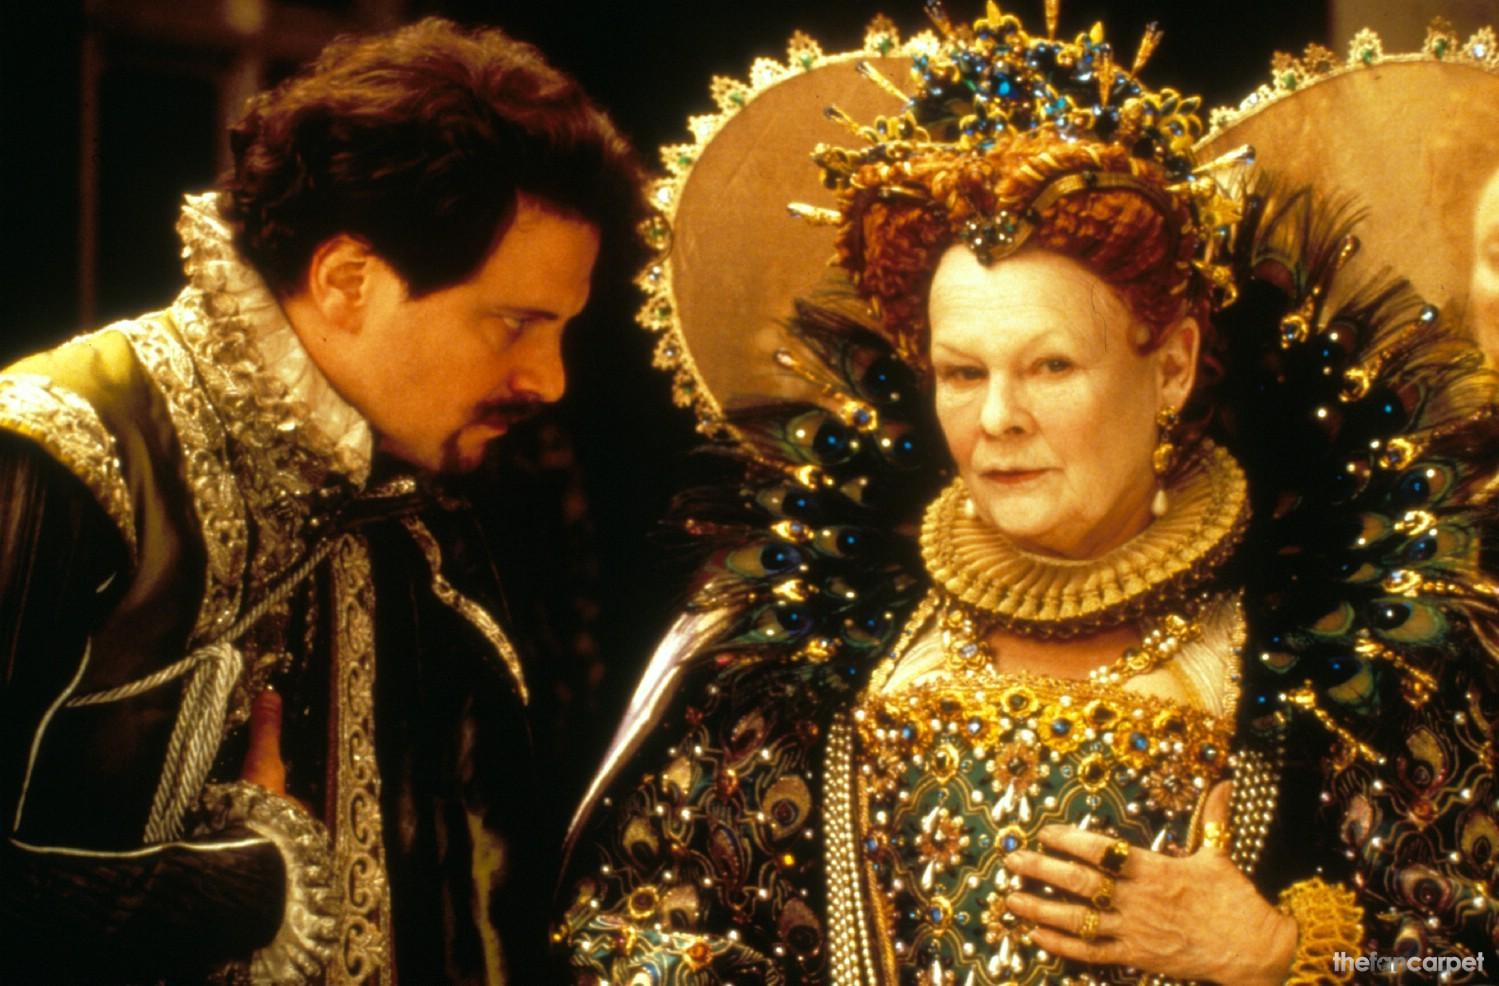 Colin Firth,Judi Dench